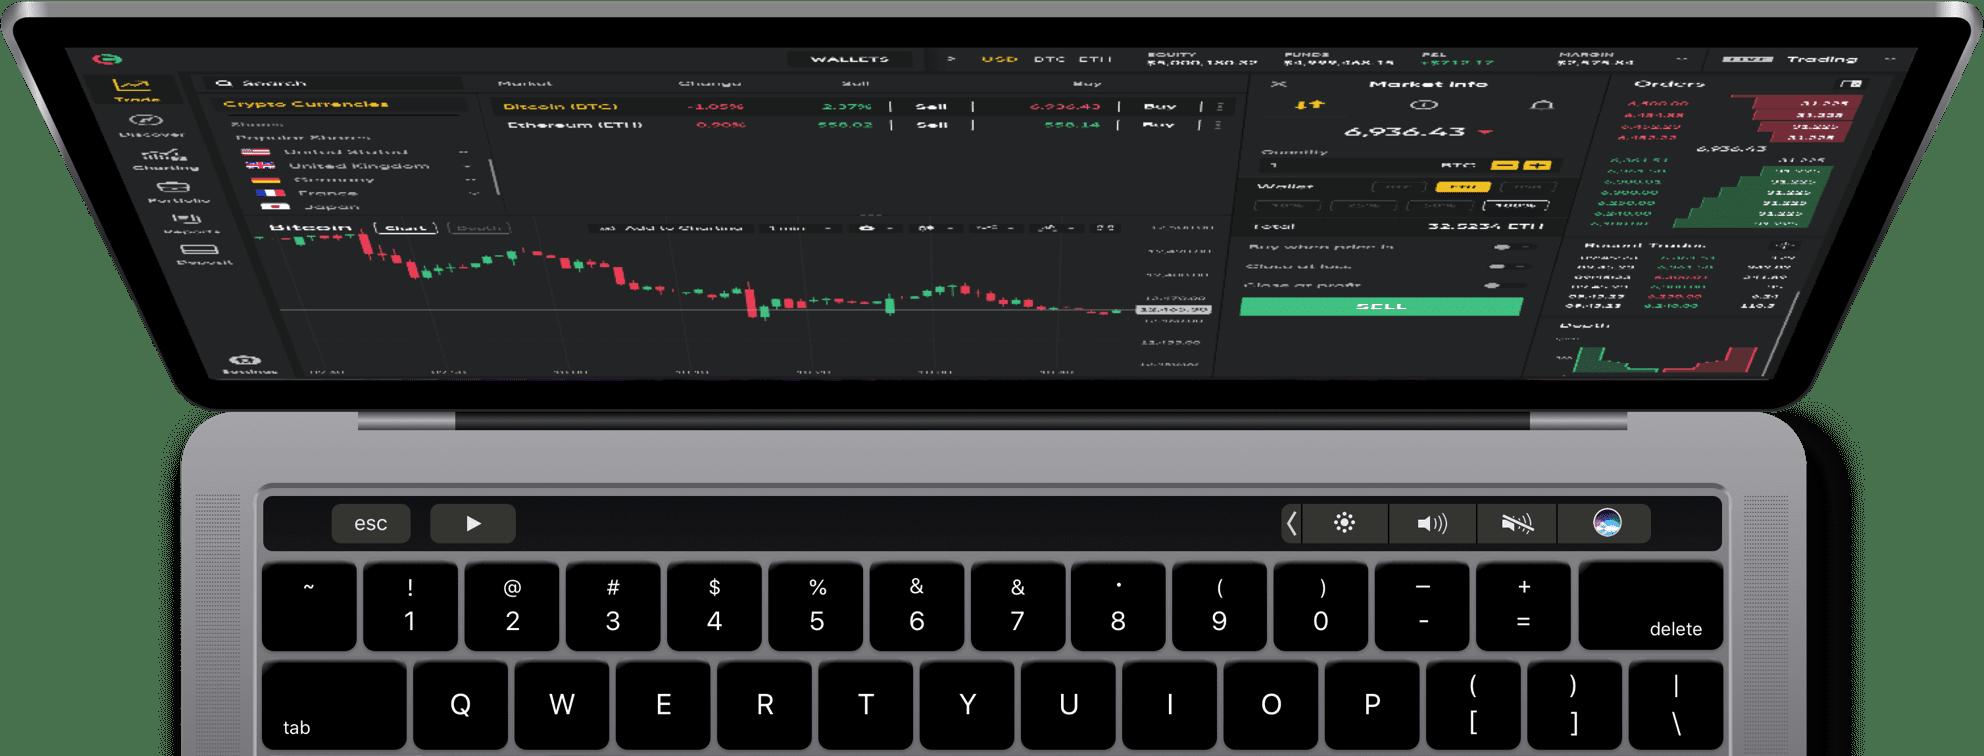 web-main-app